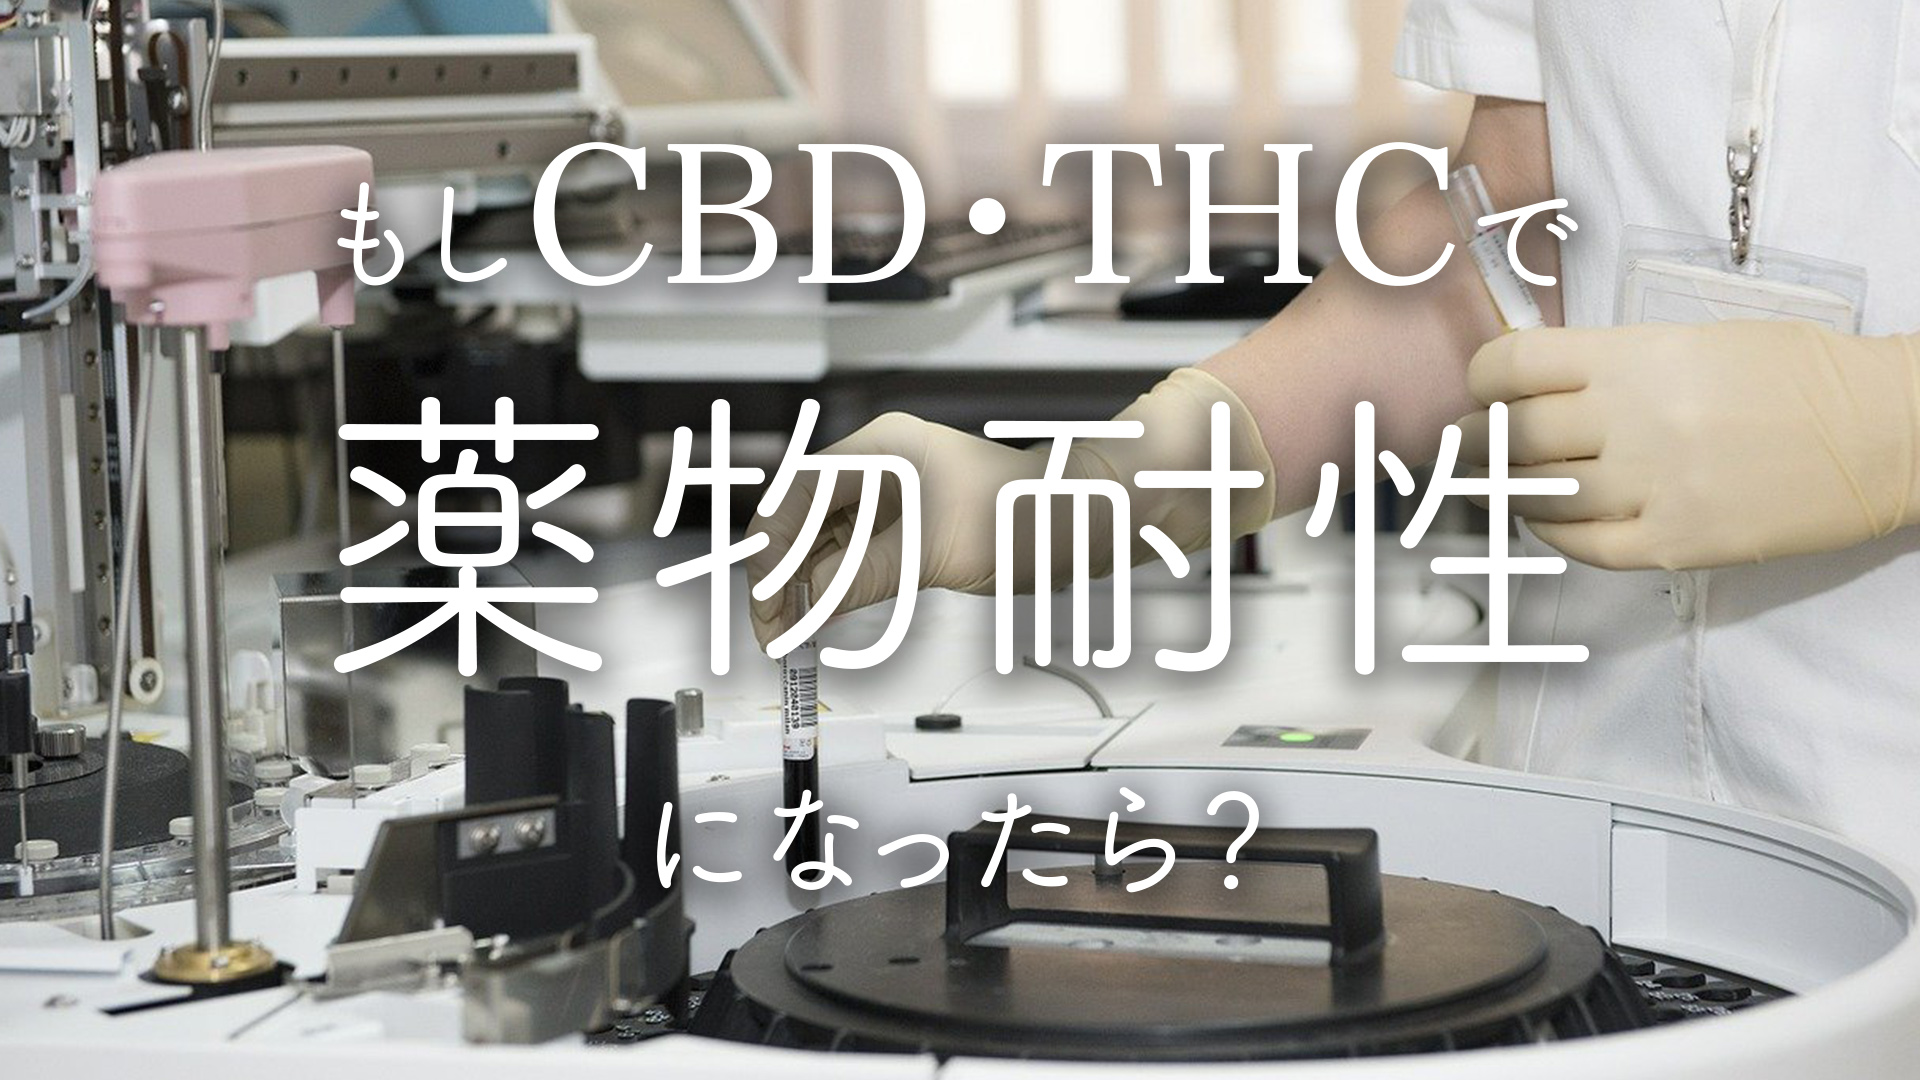 もしCBD・THCで薬物耐性になってしまったら解決策はあるのか?